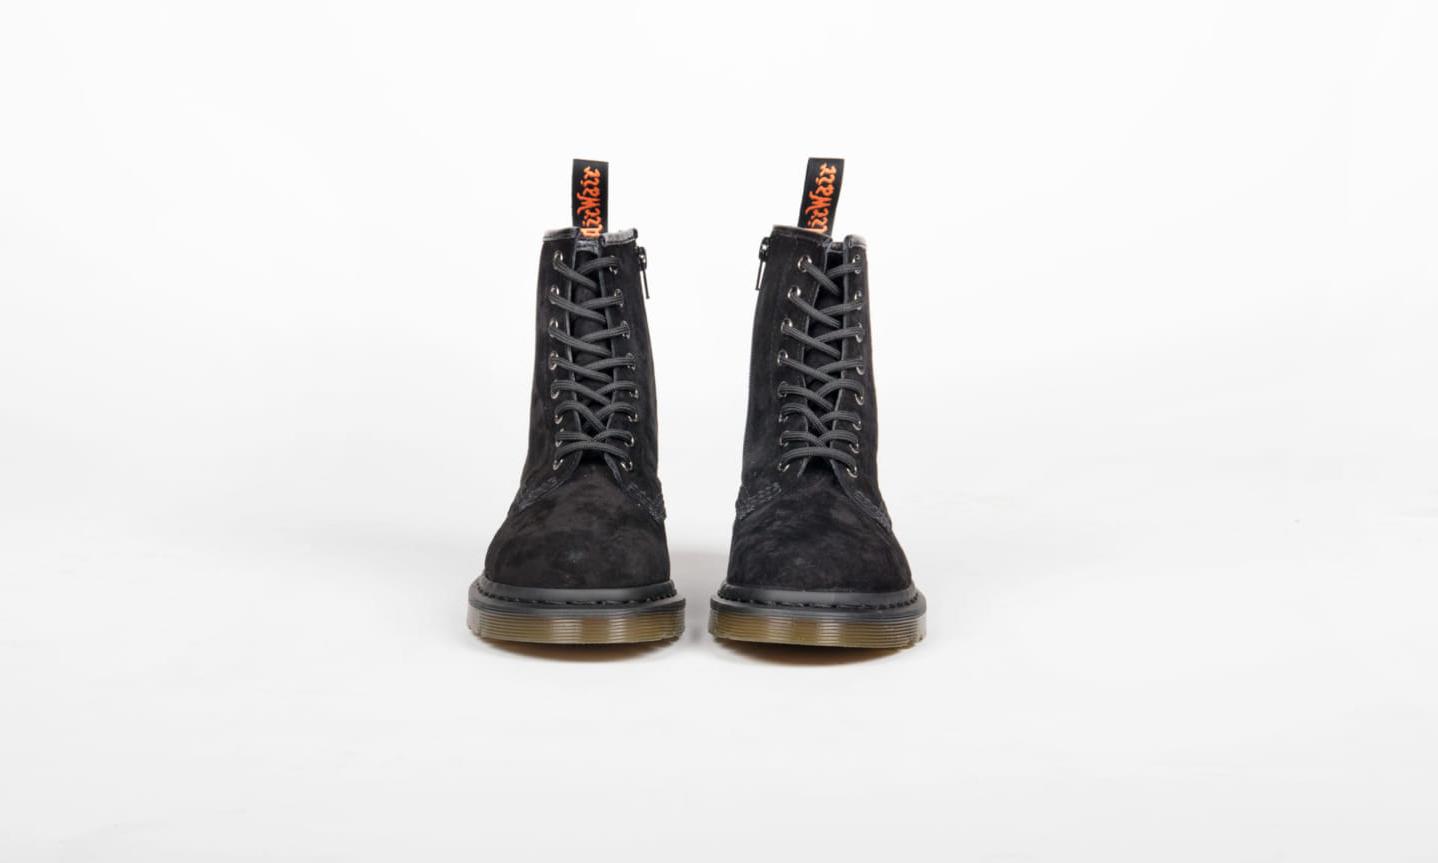 Dr. Martens x BEAMS 发布联乘 1460 系列 8 孔靴